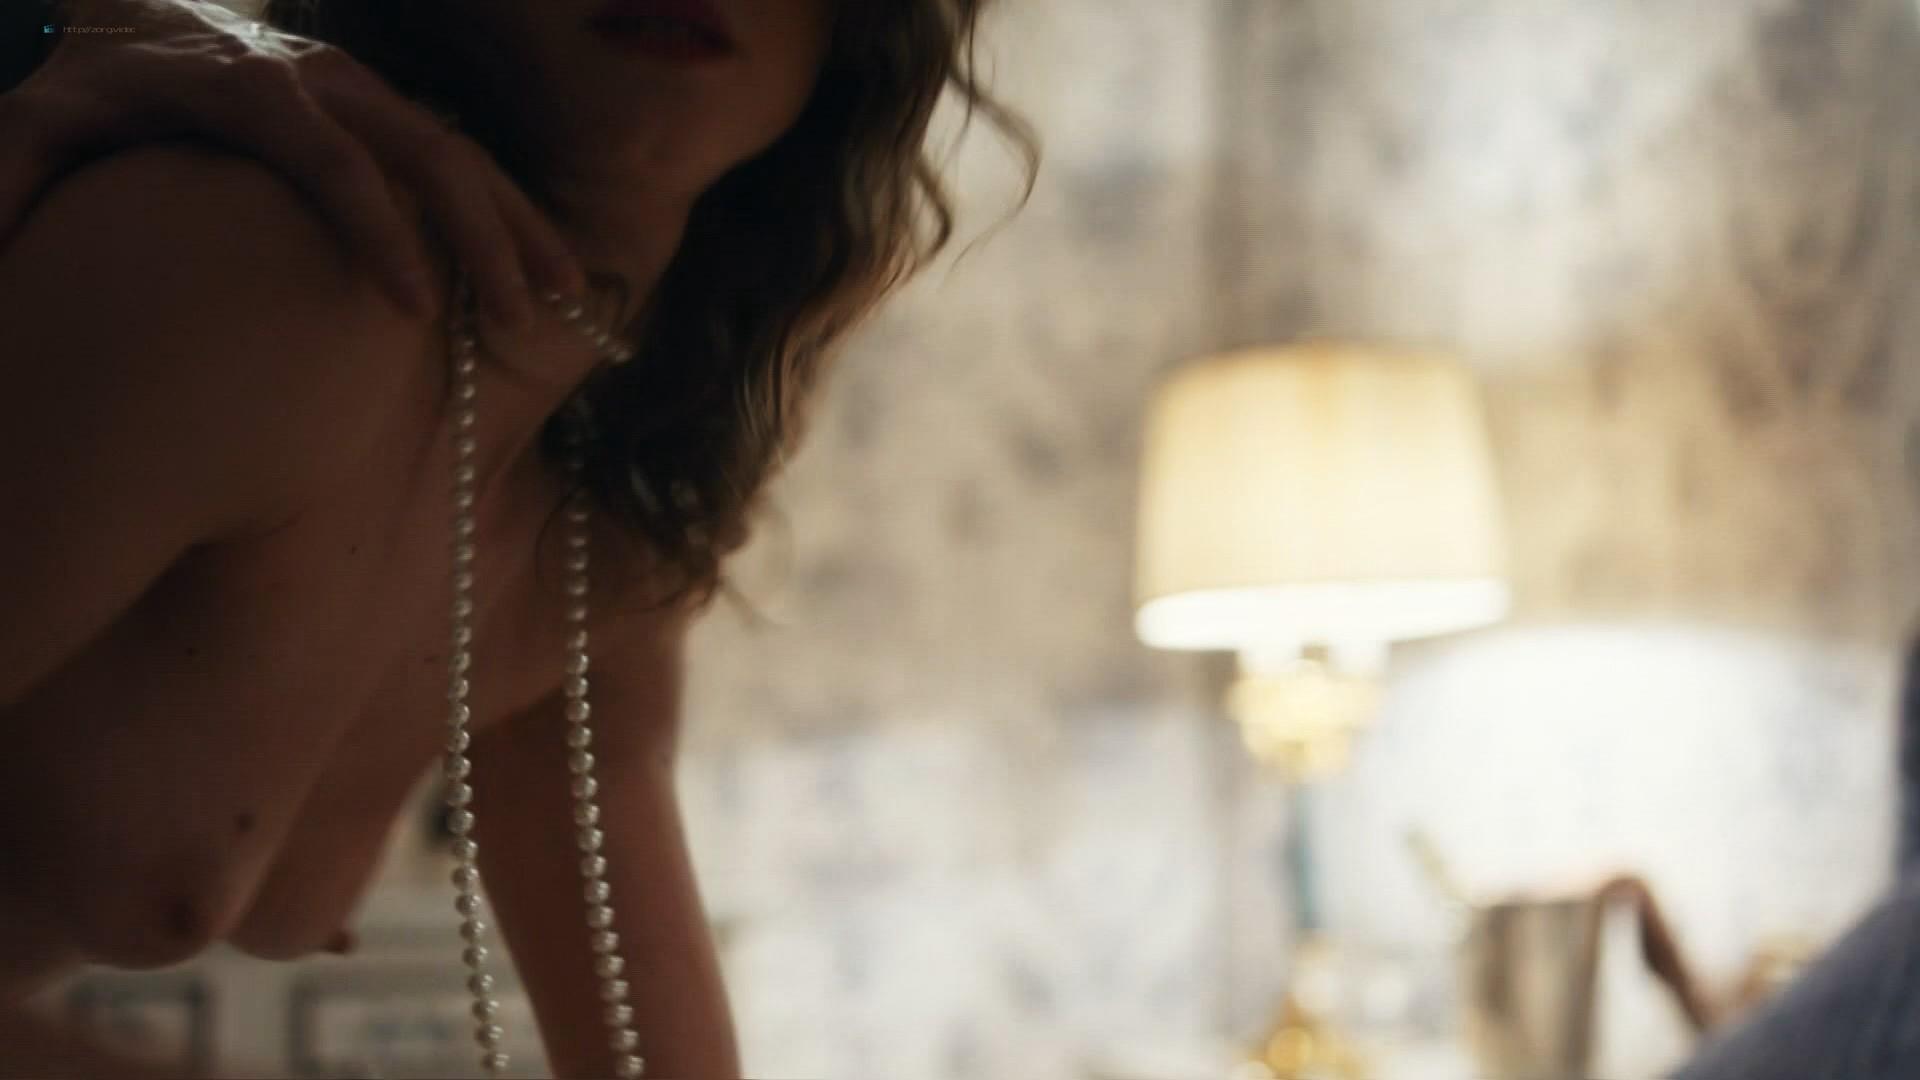 Jana Stojanovska nude sex Jovana Stojiljkovic and Marija Bergam sex - Black Sun (2017) s1e9-10 HD 1080p (4)